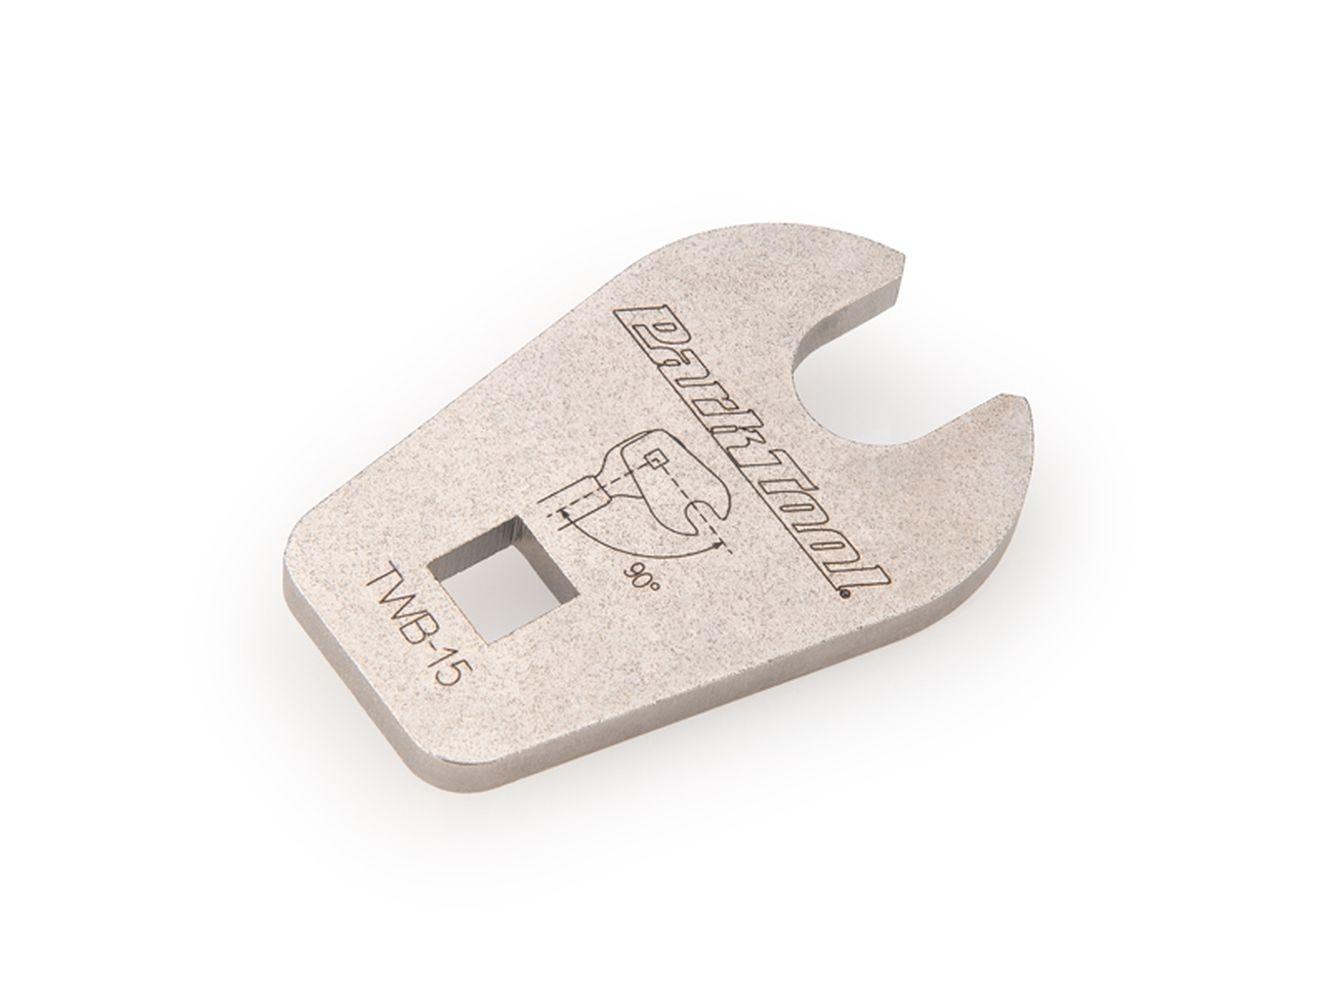 Embout de clé pour pédales Park Tool - TWB-15